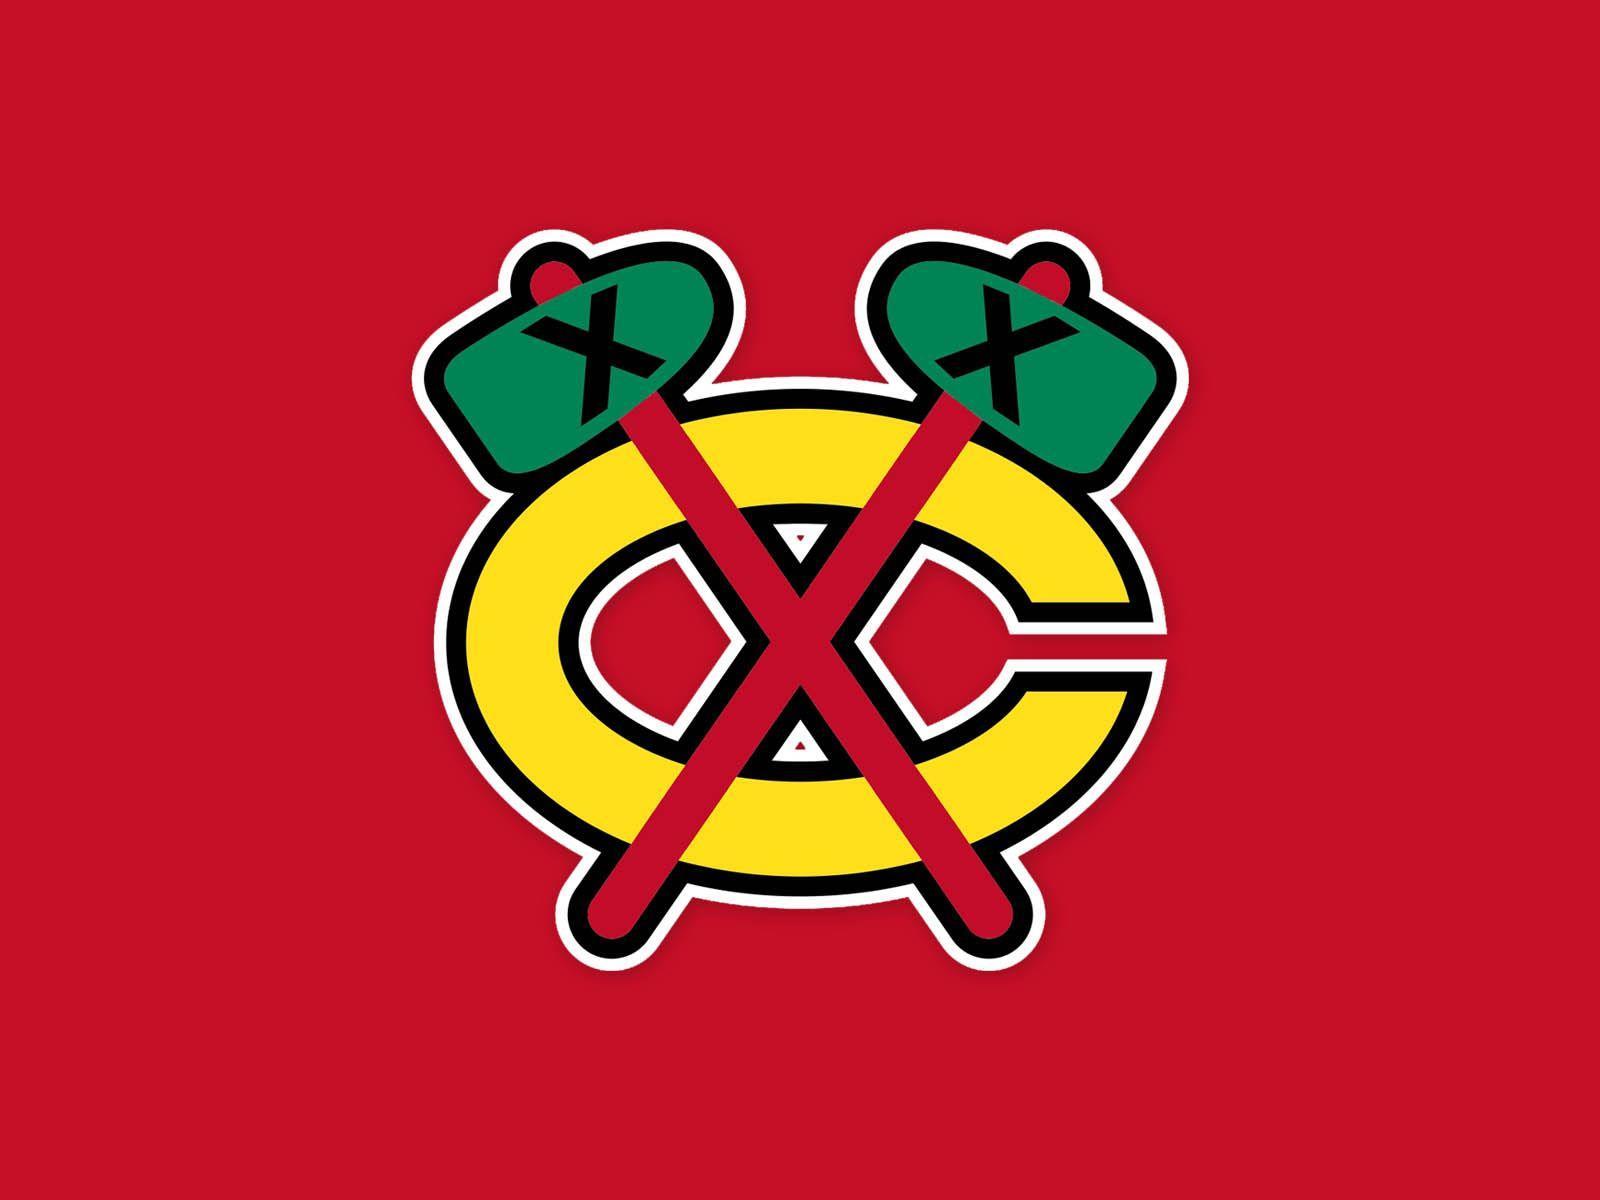 Chicago Blackhawks Desktop Wallpaper